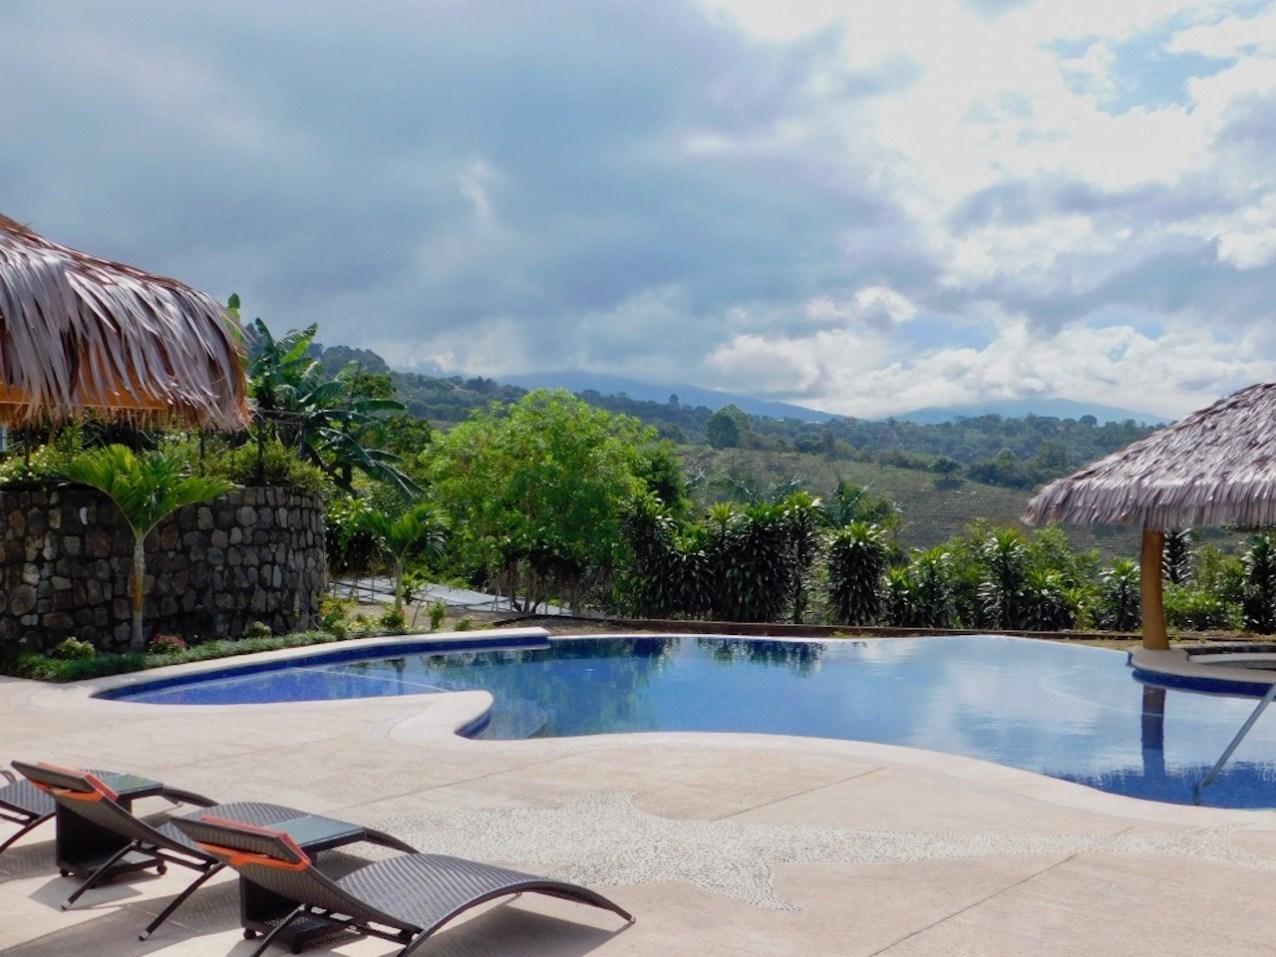 House #2 - Rental in Naranjo Costa Rica - 6